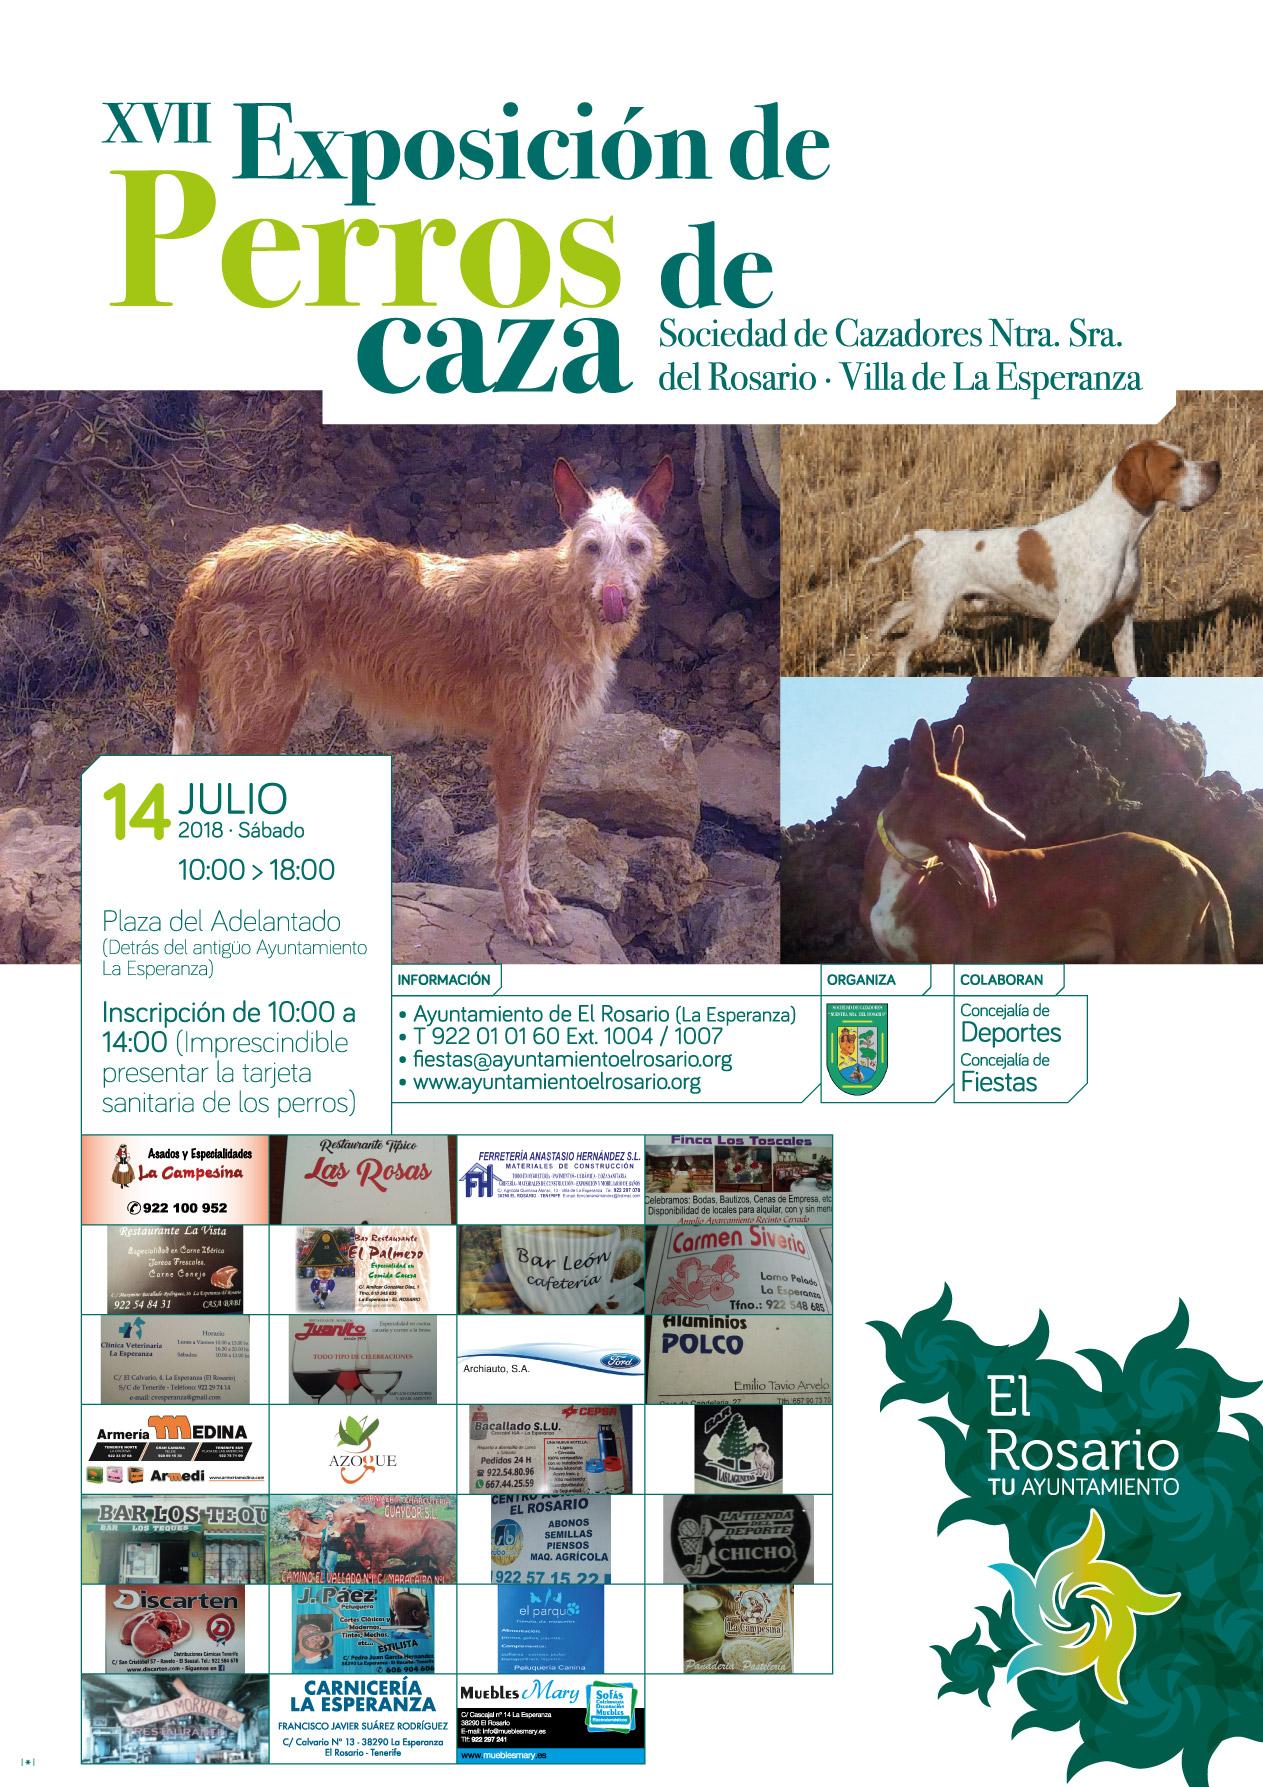 EXPOSICION_PERROS_CAZA-20180714-CARTEL_A3-20180705-02af-redes